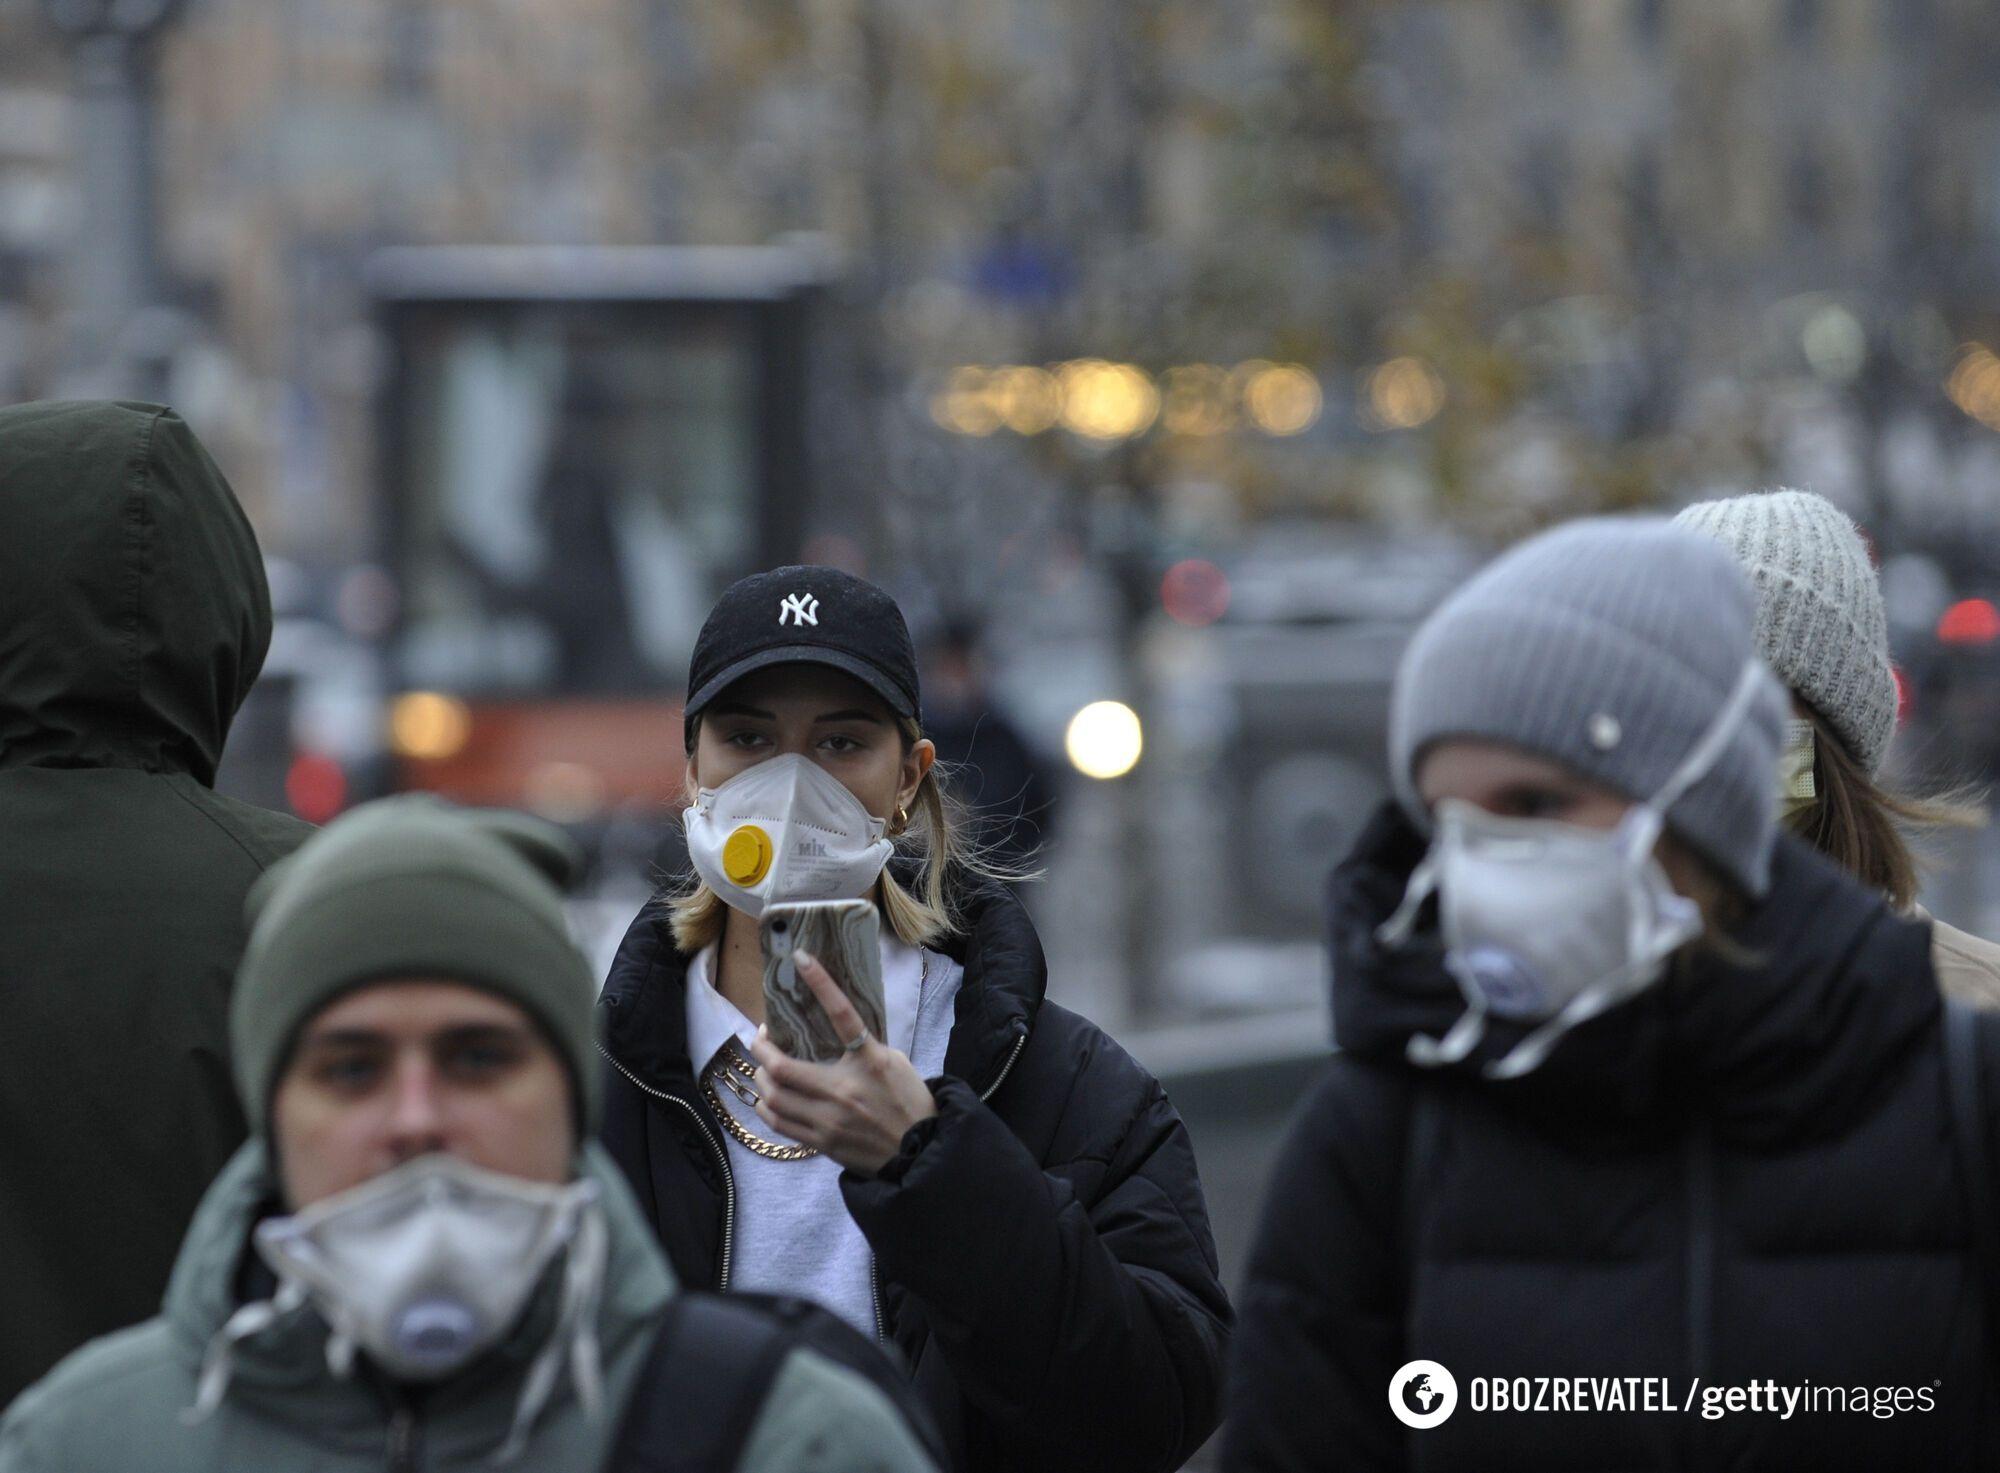 Україна входить у другу хвилю епідемії коронавірусу